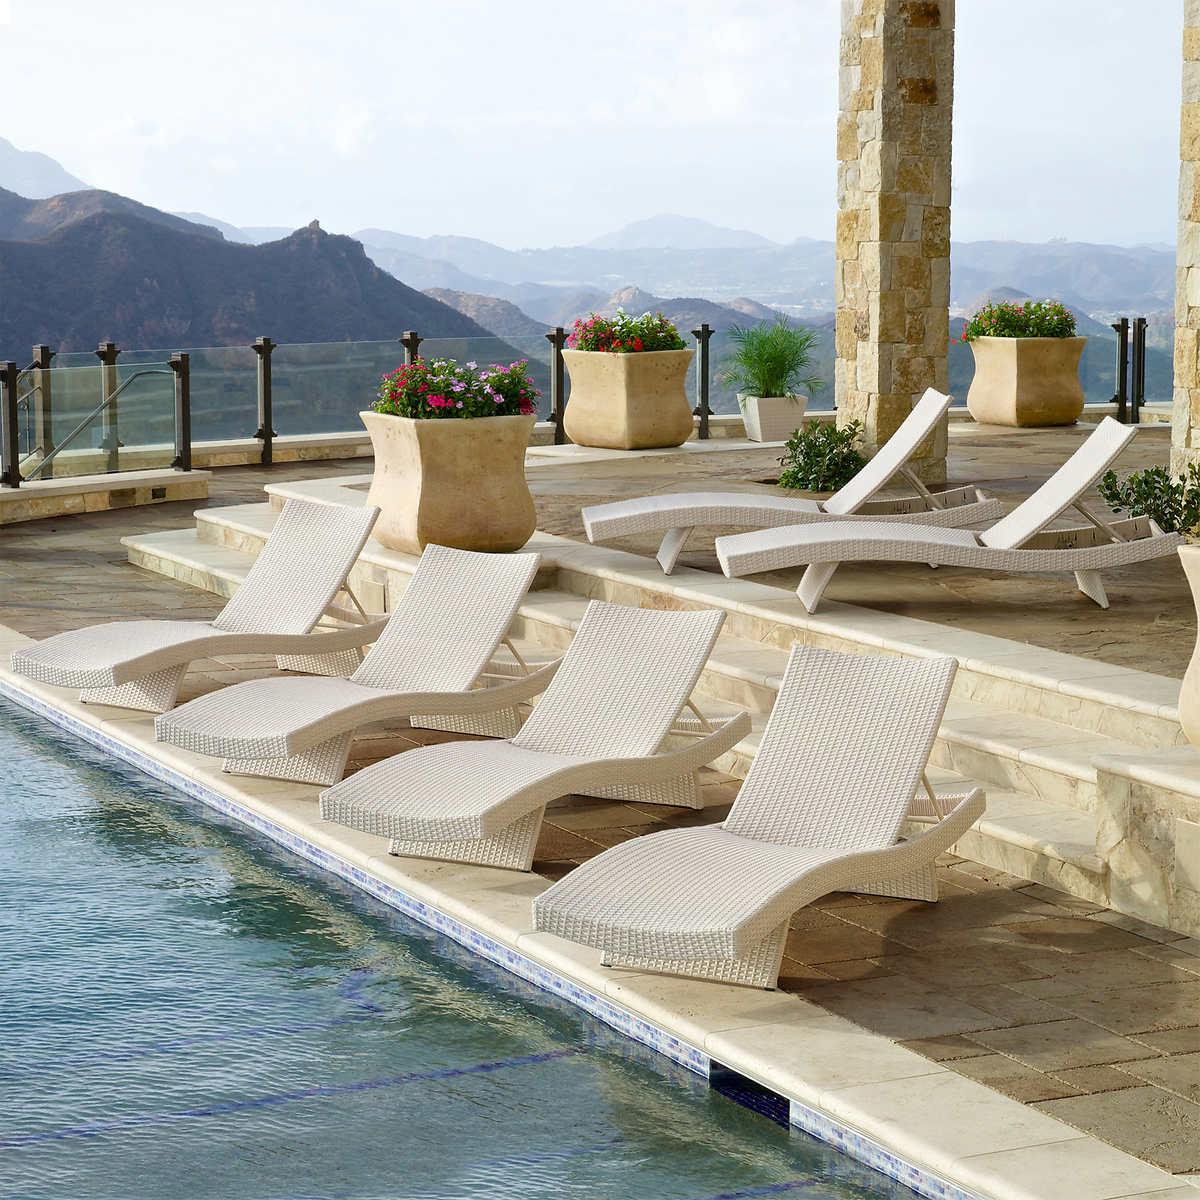 Portofino Comfort Woven Wave Loungers 6-pack in Chalk - Portofino Costco